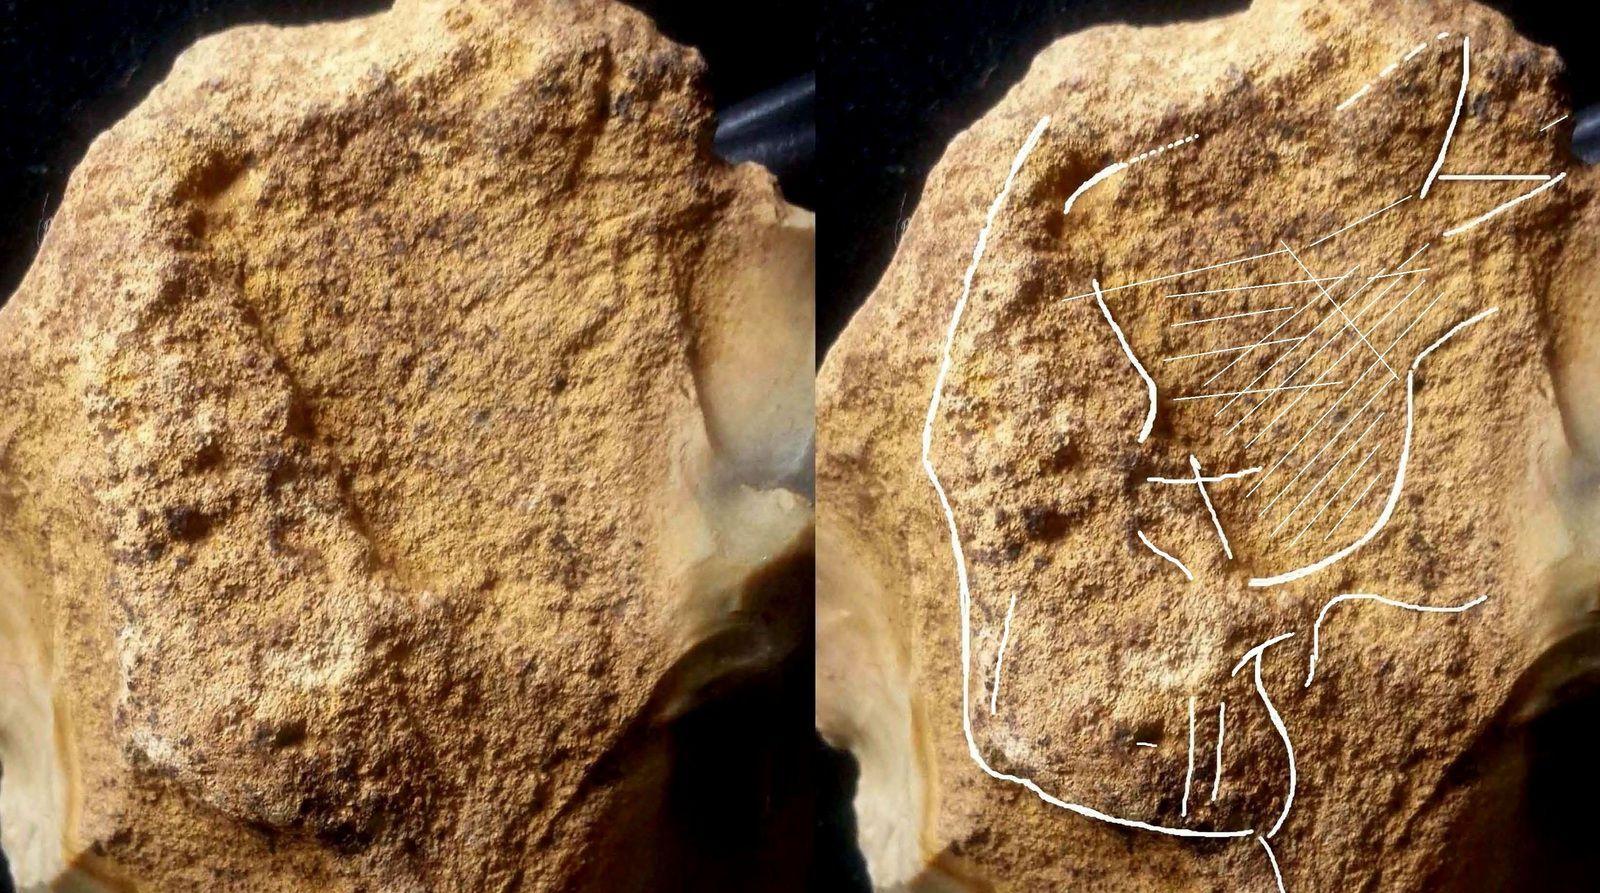 neandertal artiste, mousterien, saint-brice-sous râne